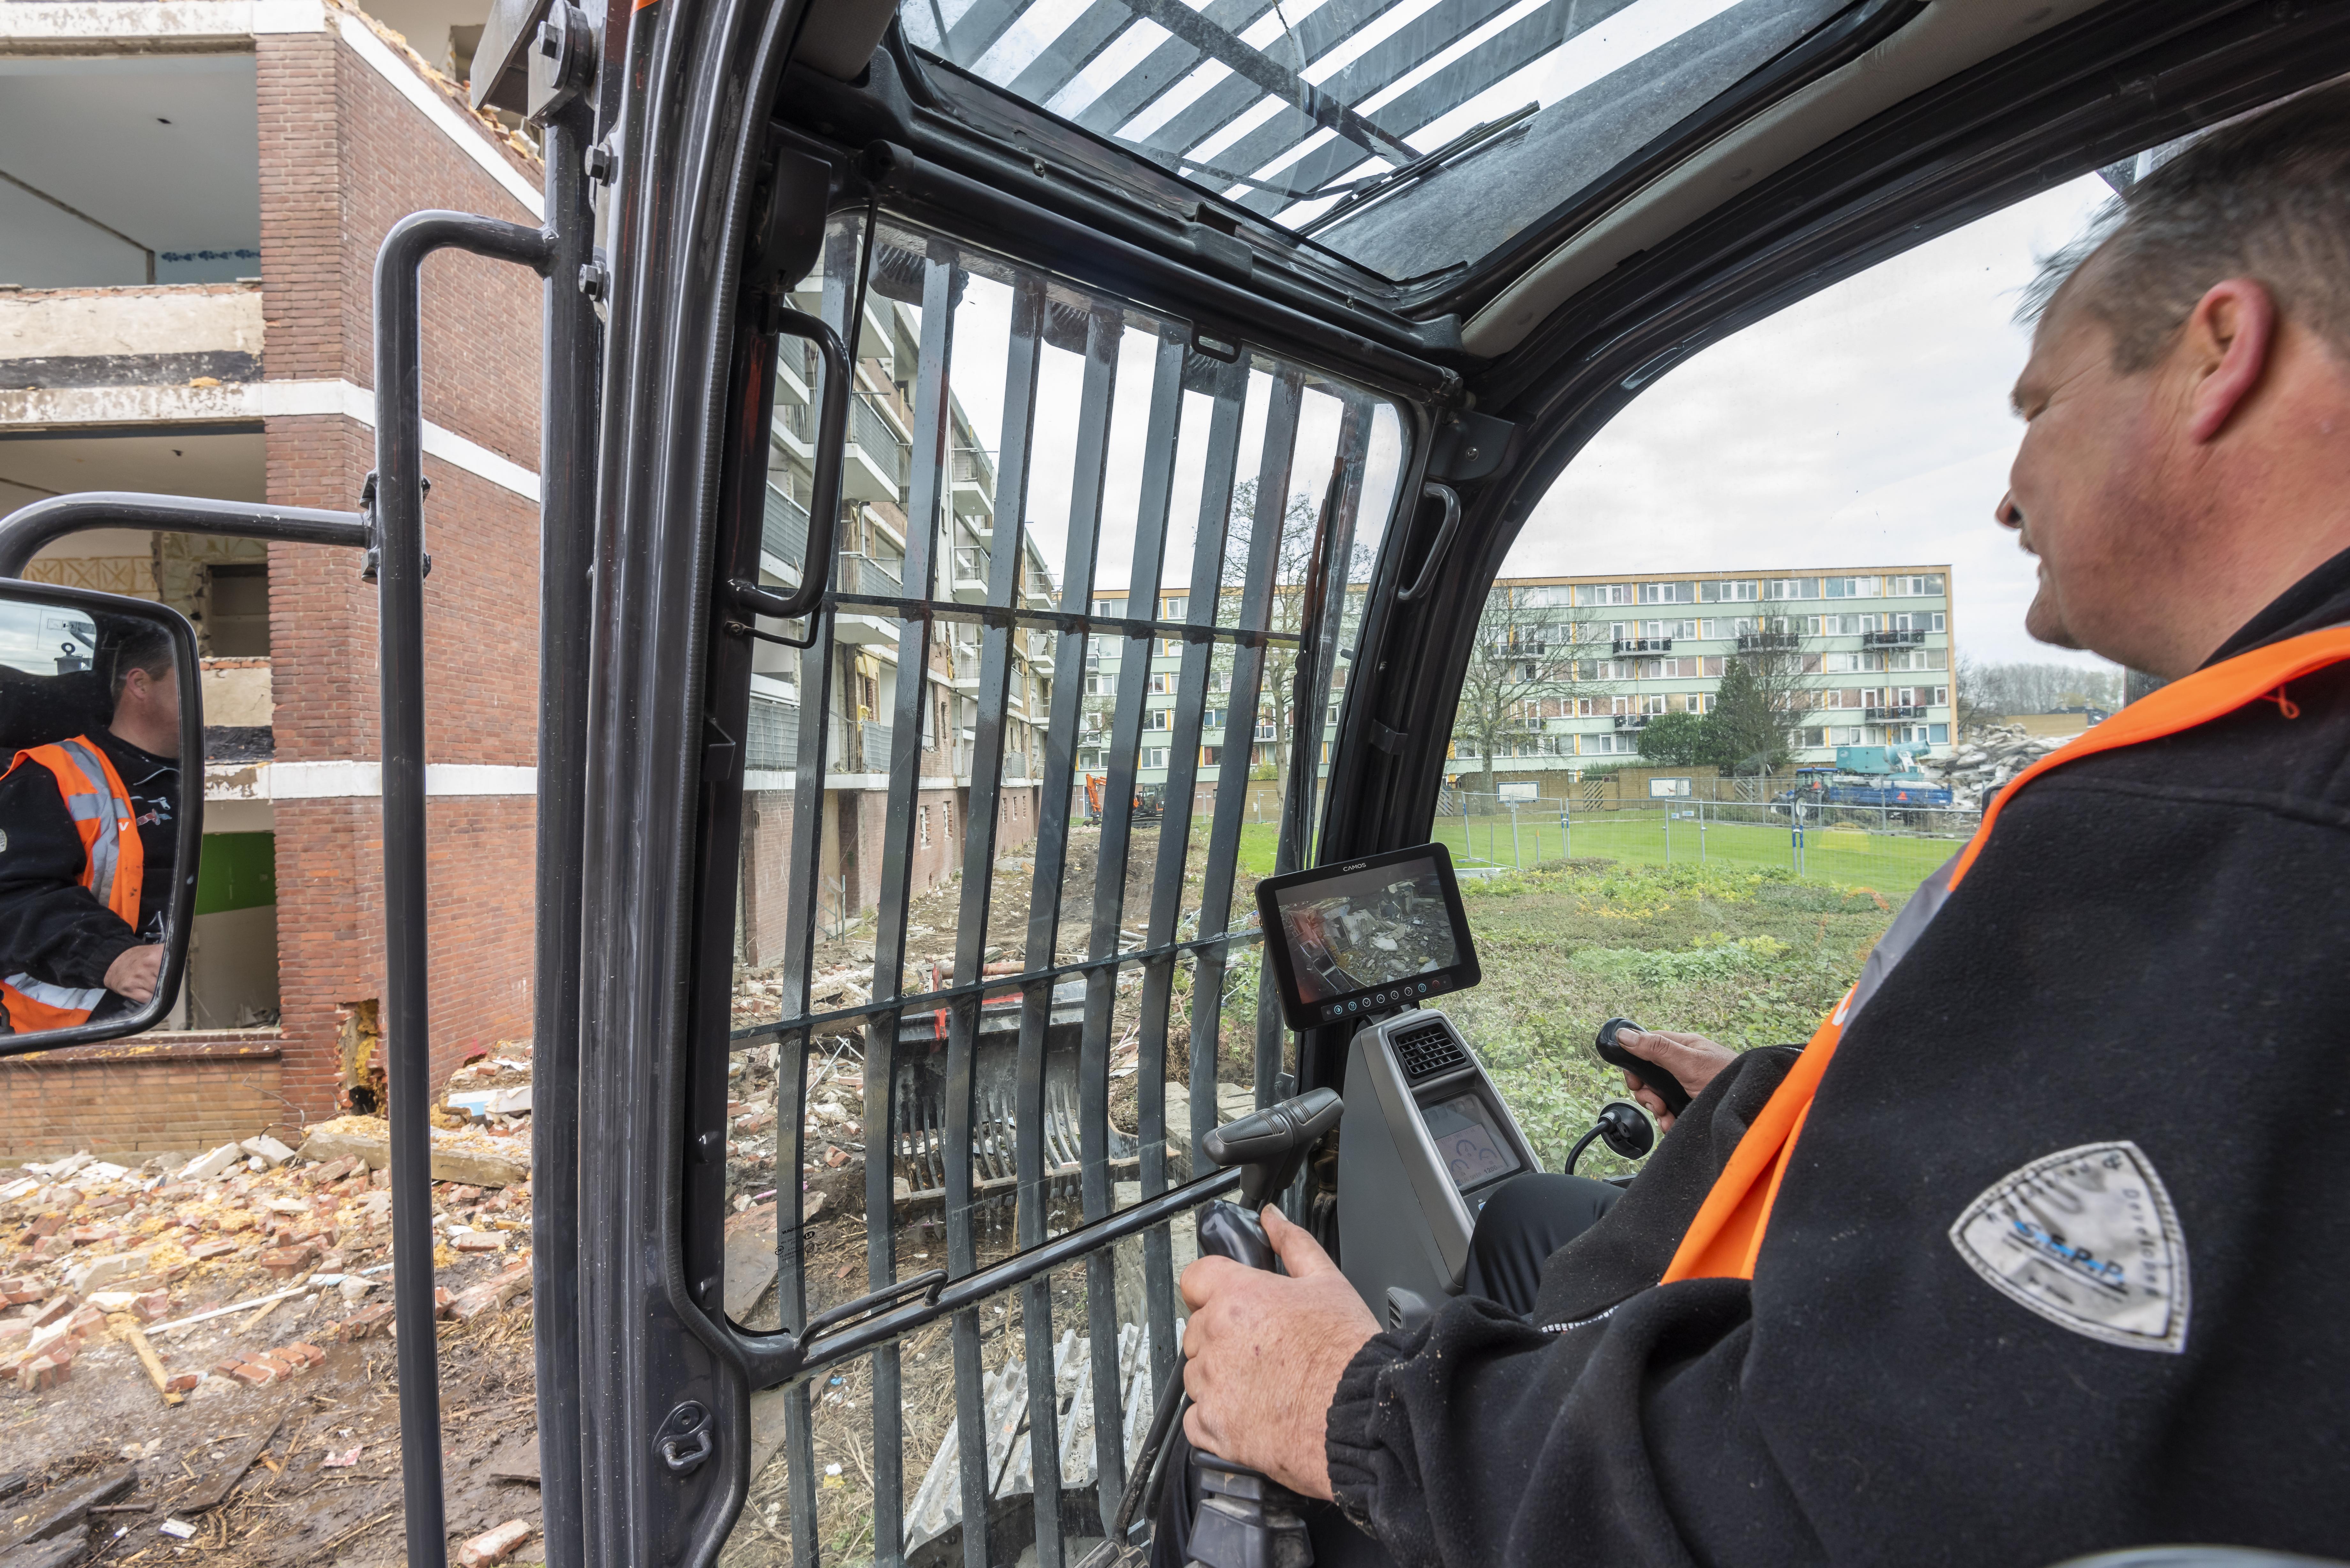 <p>Doosan-dealer Anema bouwde op de lange giek van de machine een camera, zodat machinist Dirk Huijgens via de monitor in de cabine een goed zicht heeft op de werkzaamheden.</p>